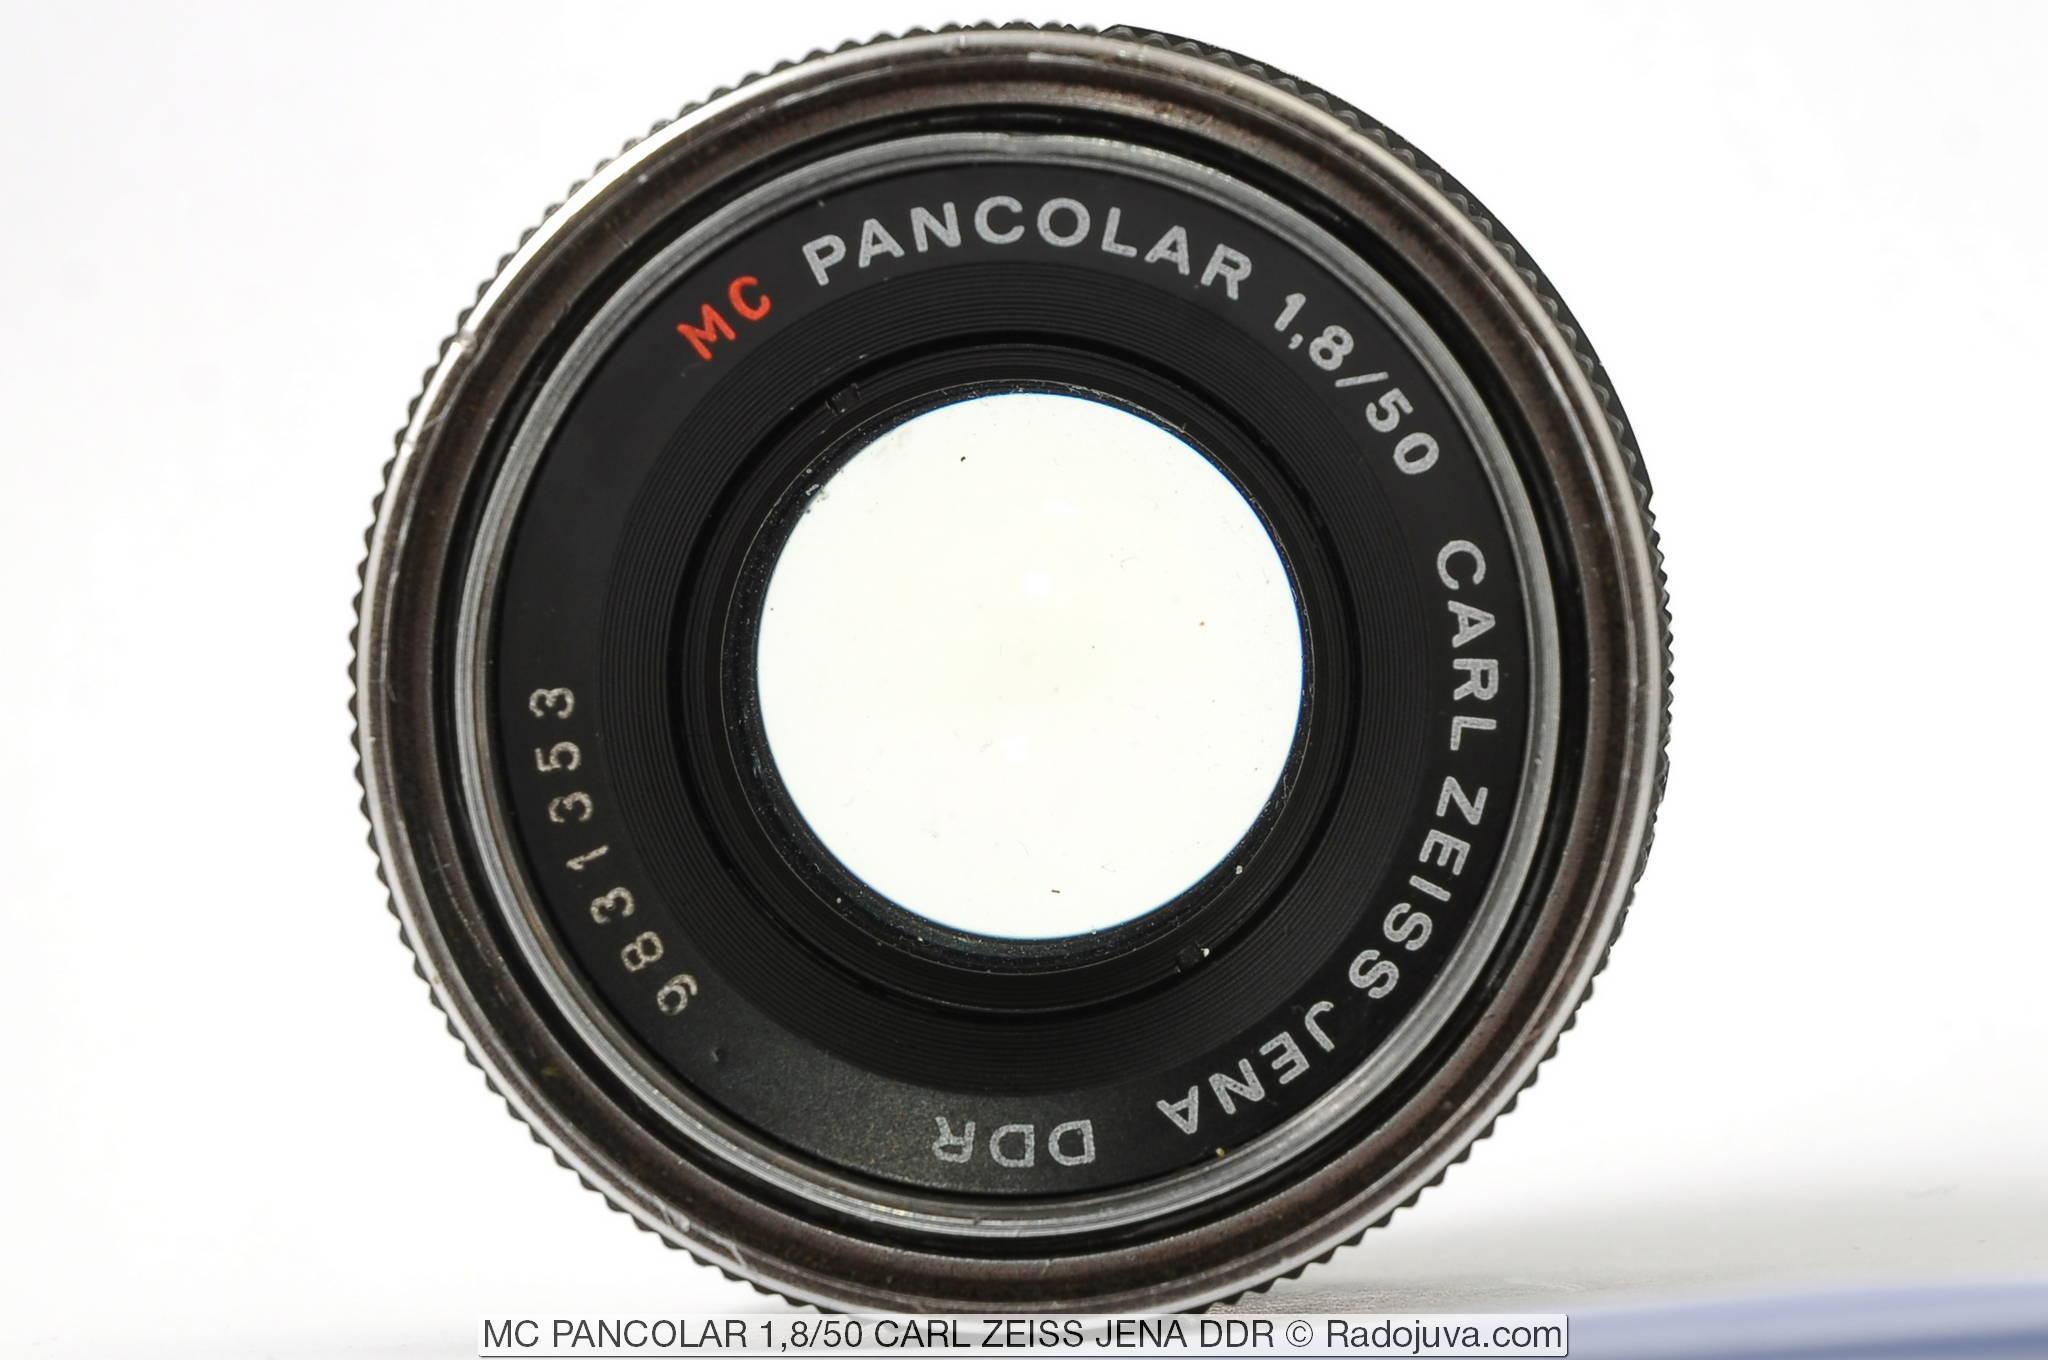 MC PANCOLAR 1,8/50 CARL ZEISS JENA DDR